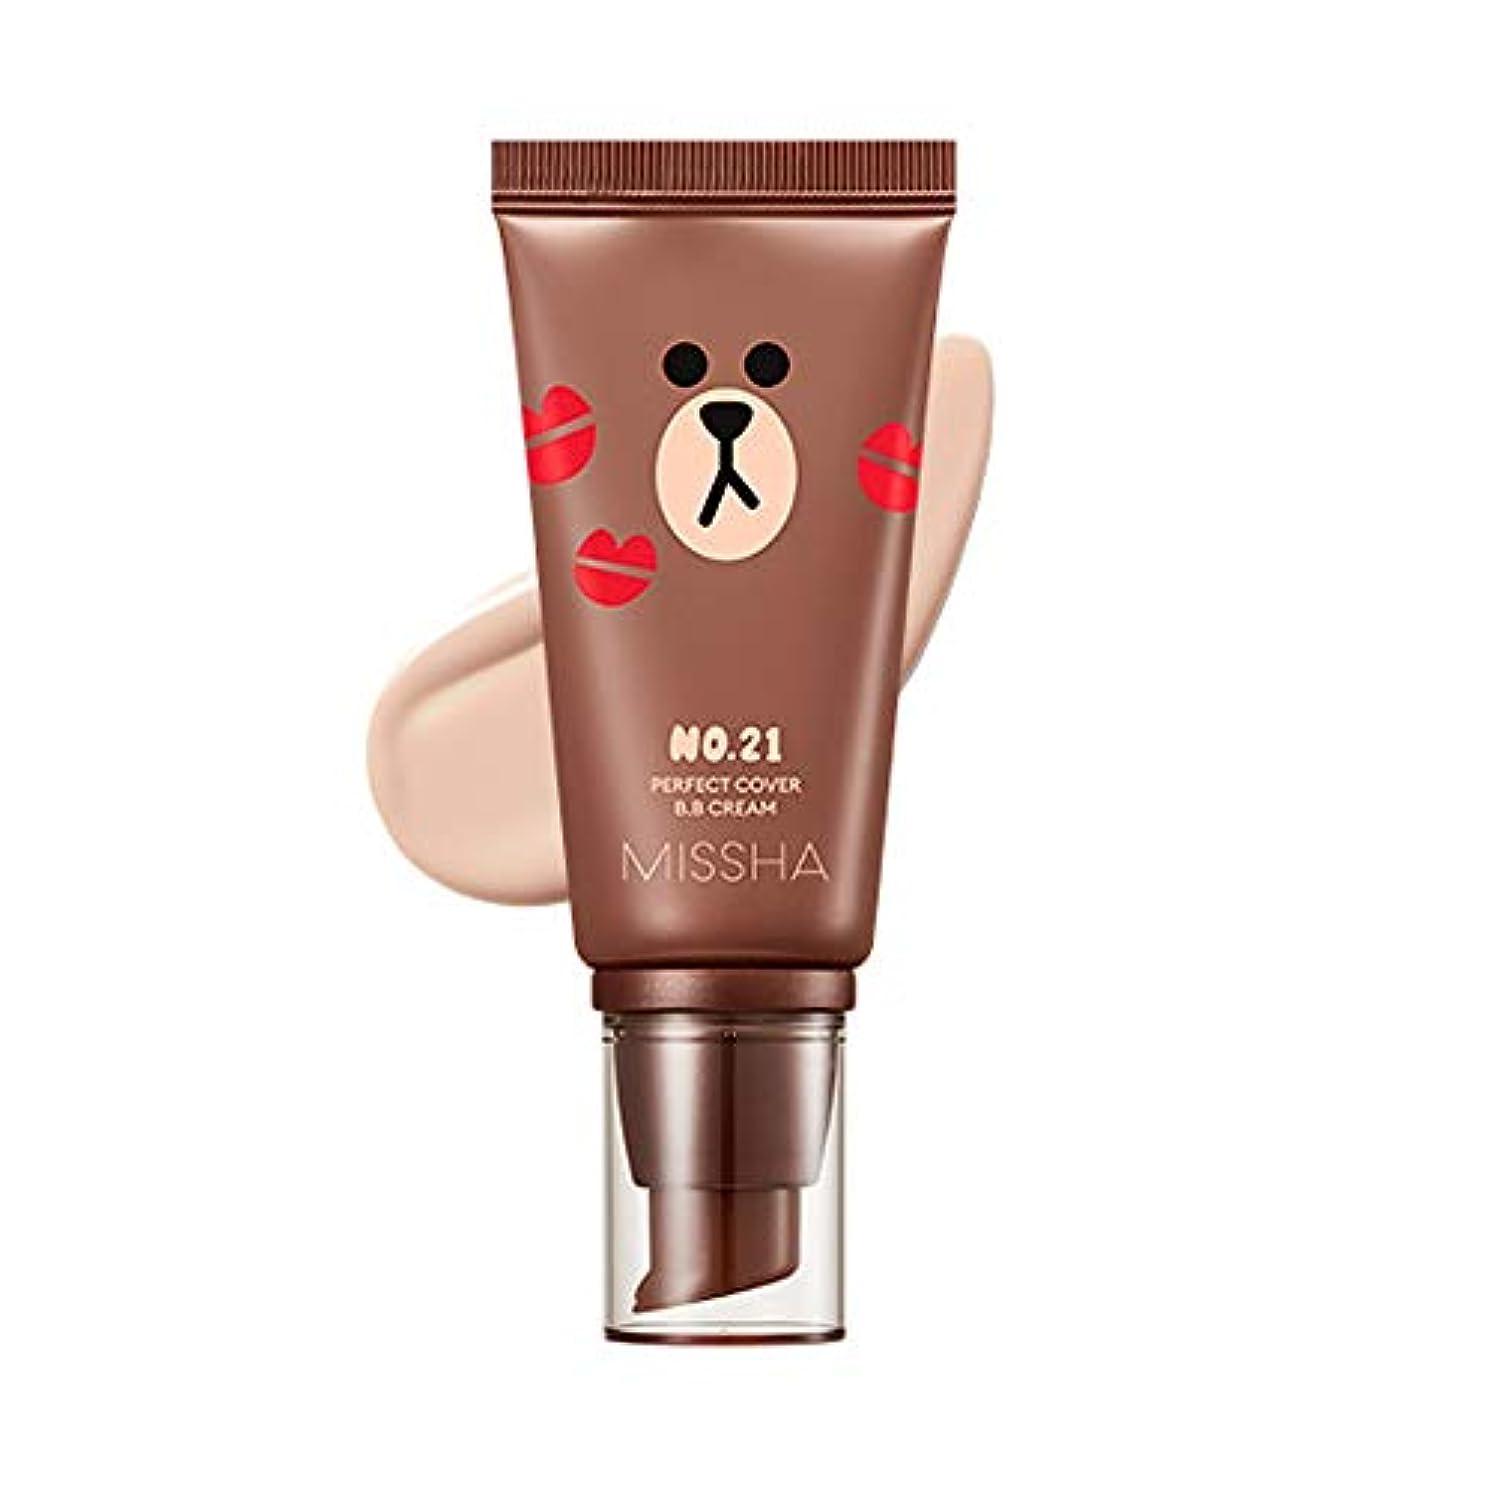 エスカレート分析的な不完全Missha M Perfect Cover BB Cream SPF42 PA+++ [Line Friends Edition] ミシャ(ラインフレンズ)MパーフェクトカバーB.Bクリーム (#21 Light Beige) [並行輸入品]